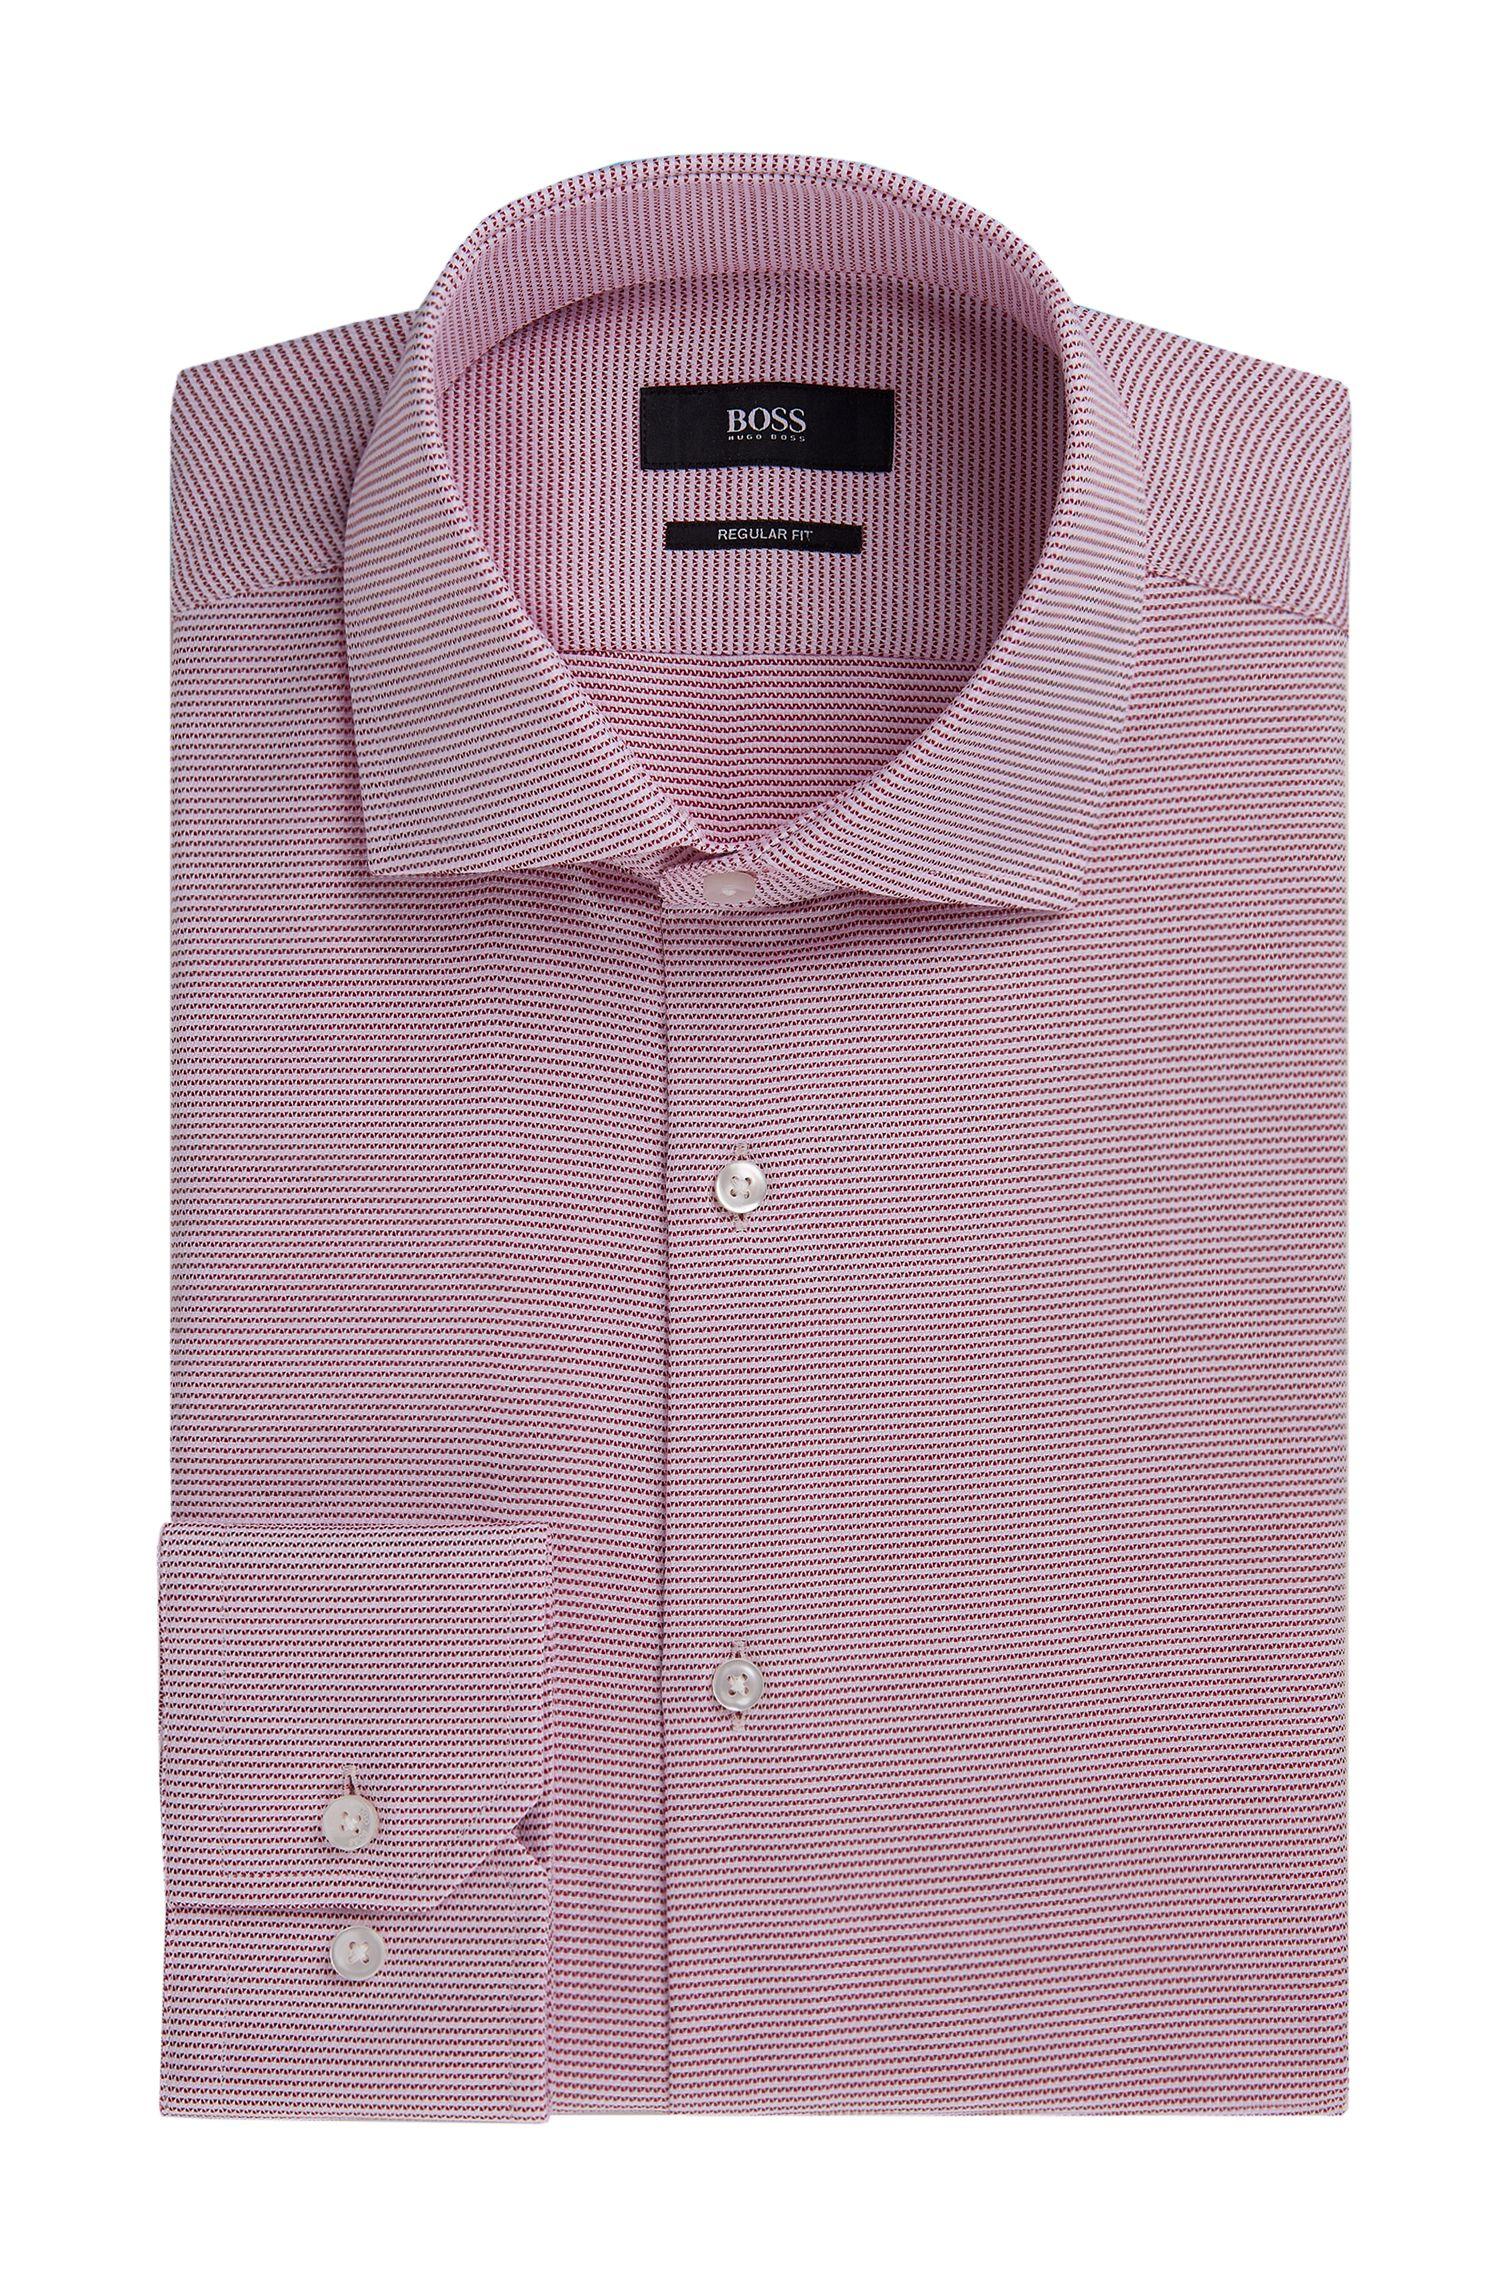 Striped Cotton Dress Shirt, Regular Fit | Gordon